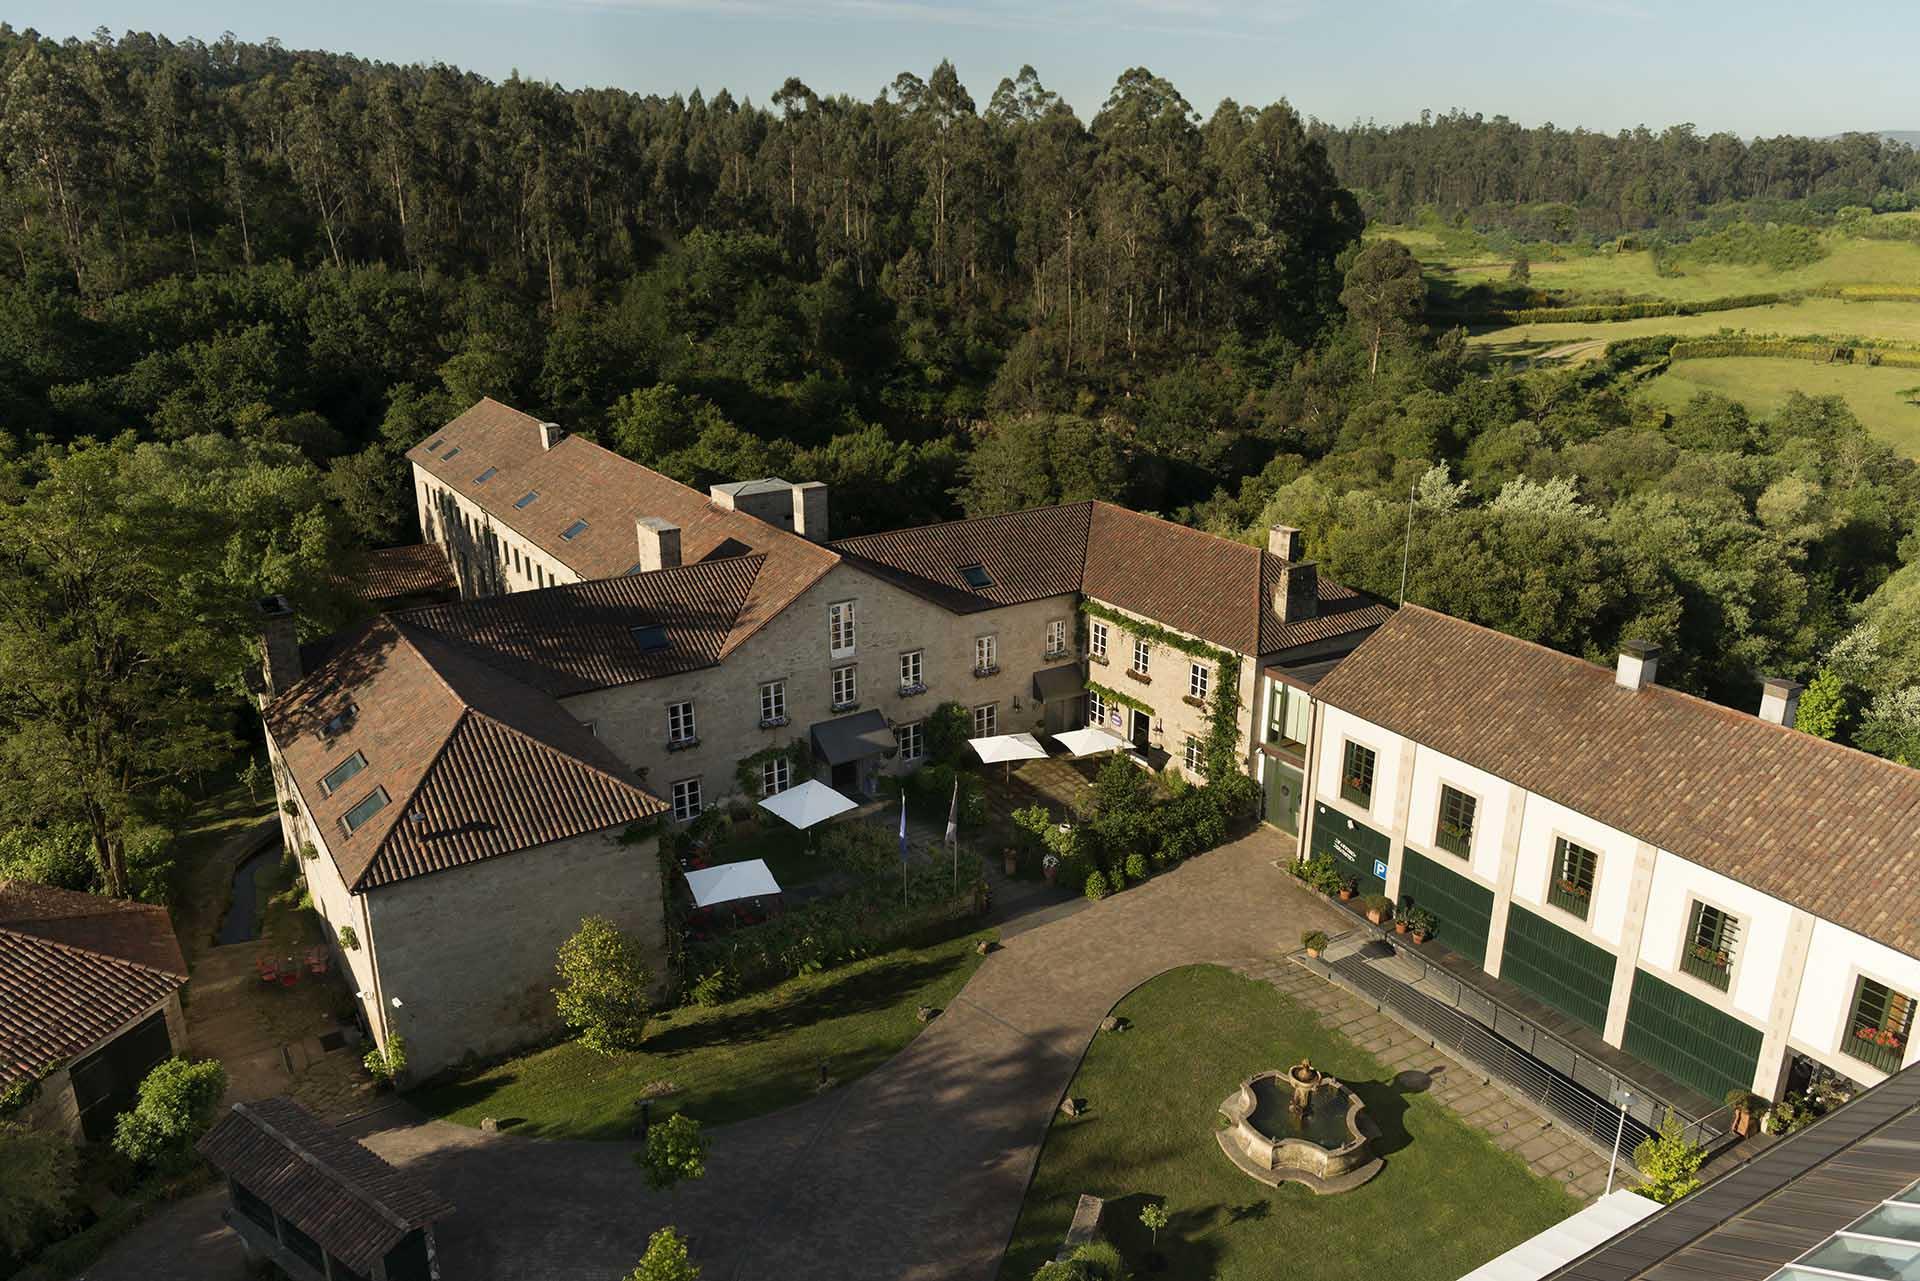 Hostelería Hotel A Quinta da Auga : 1